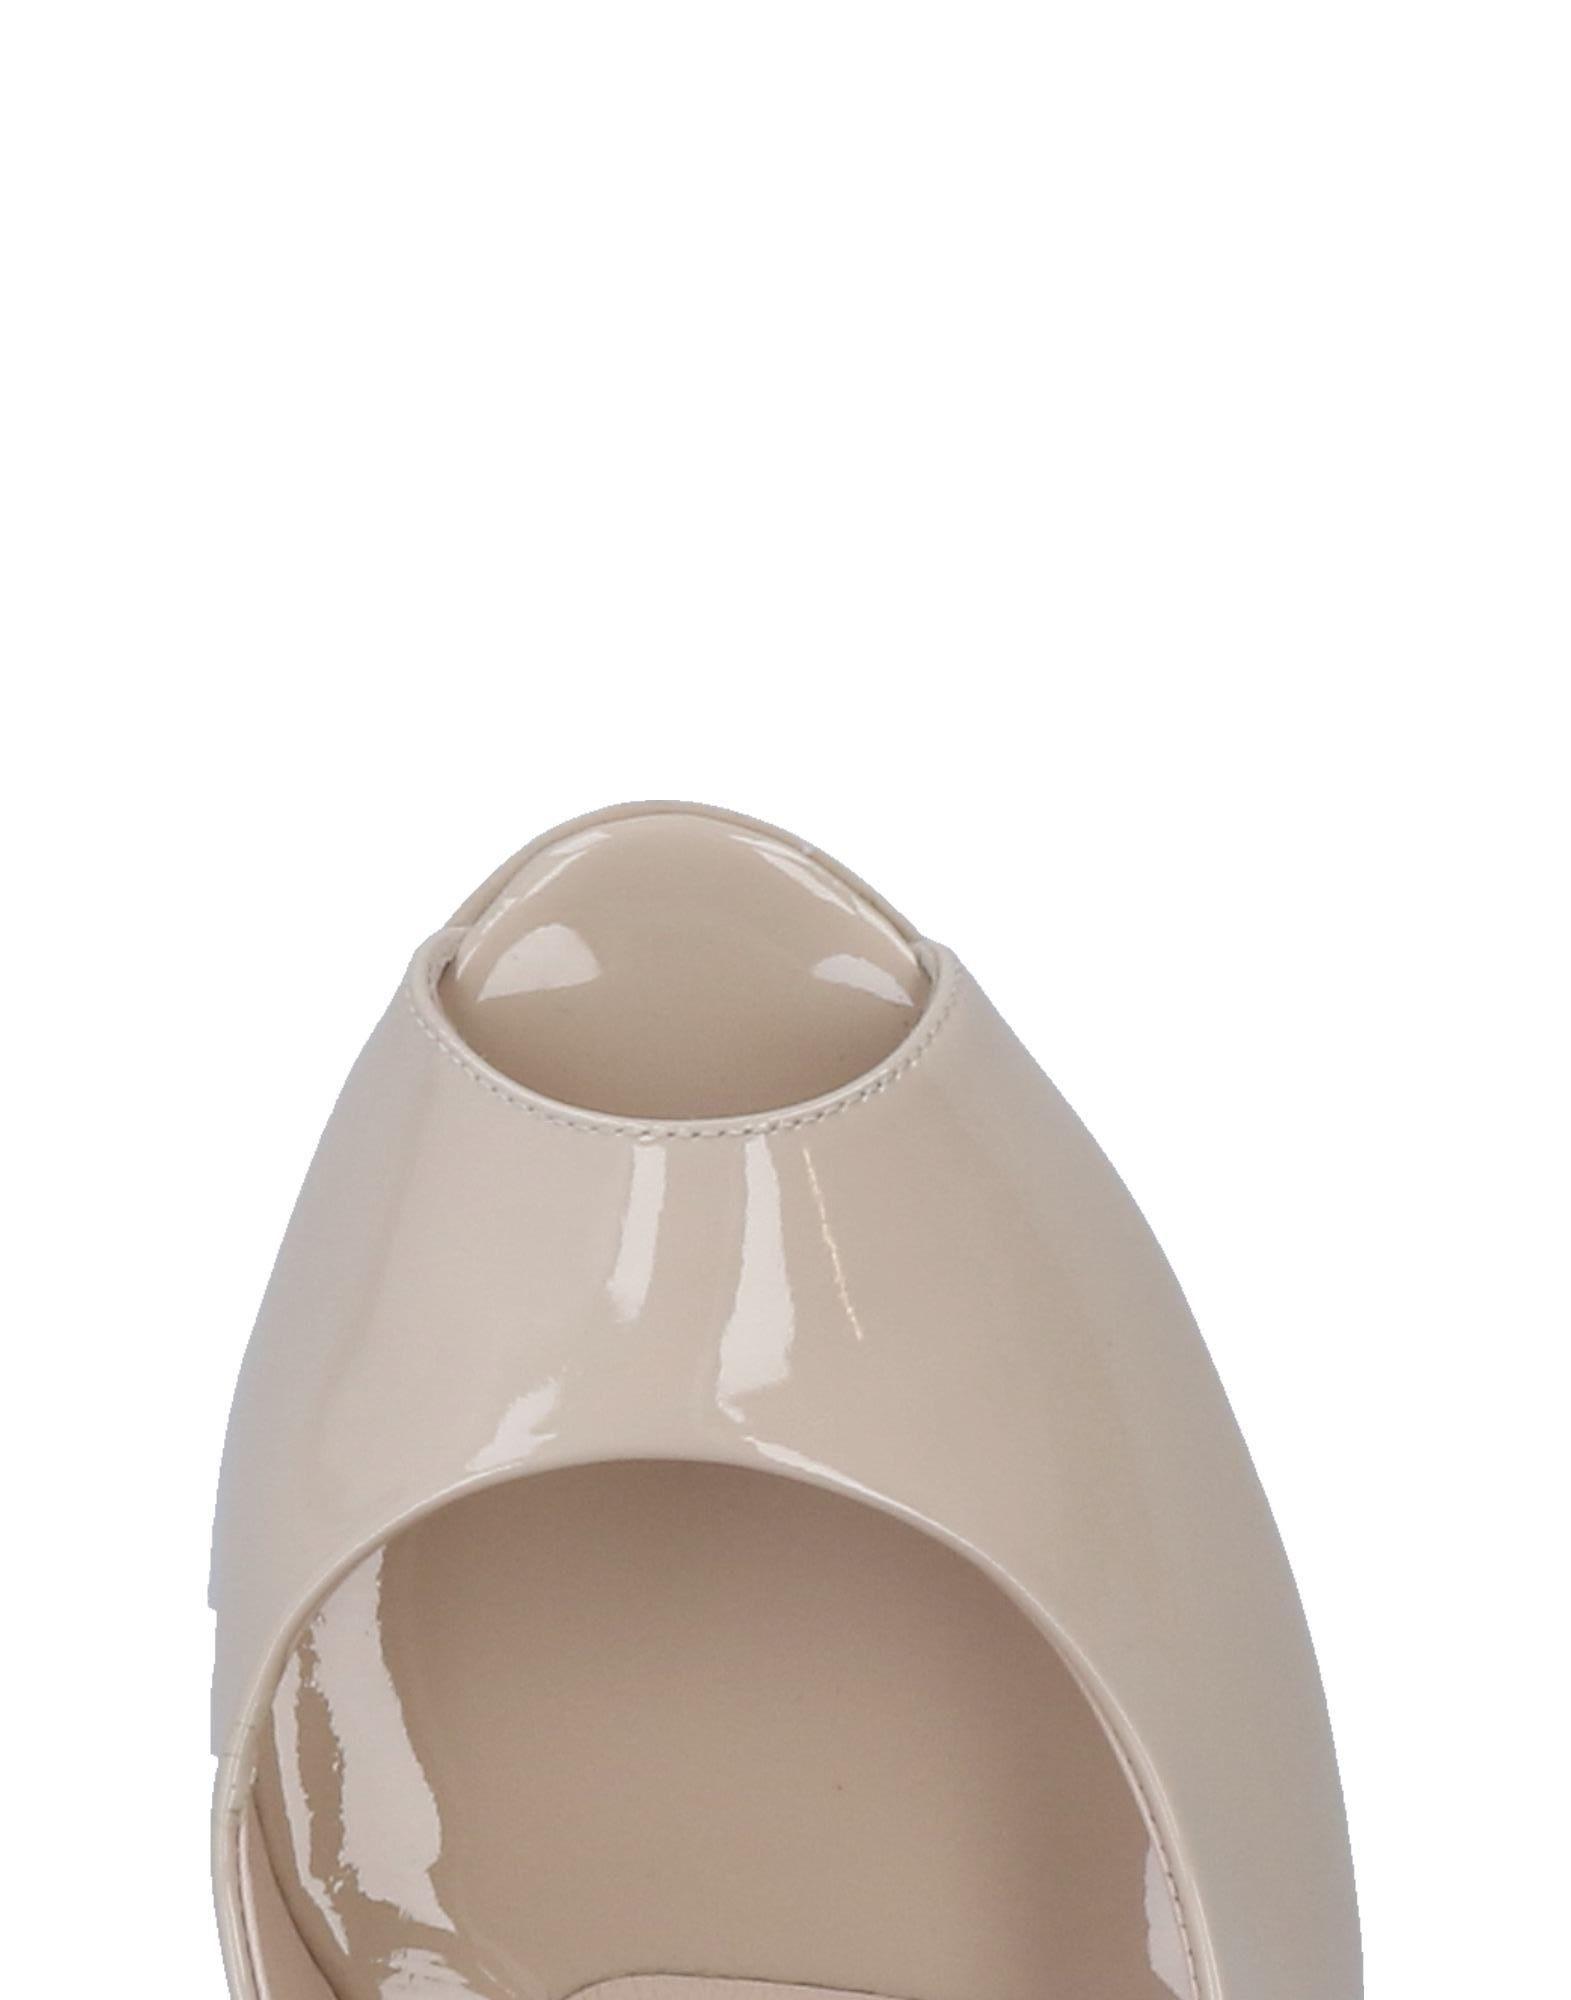 Rabatt Schuhe Gianmarco Lorenzi Pumps Damen  11459333XU